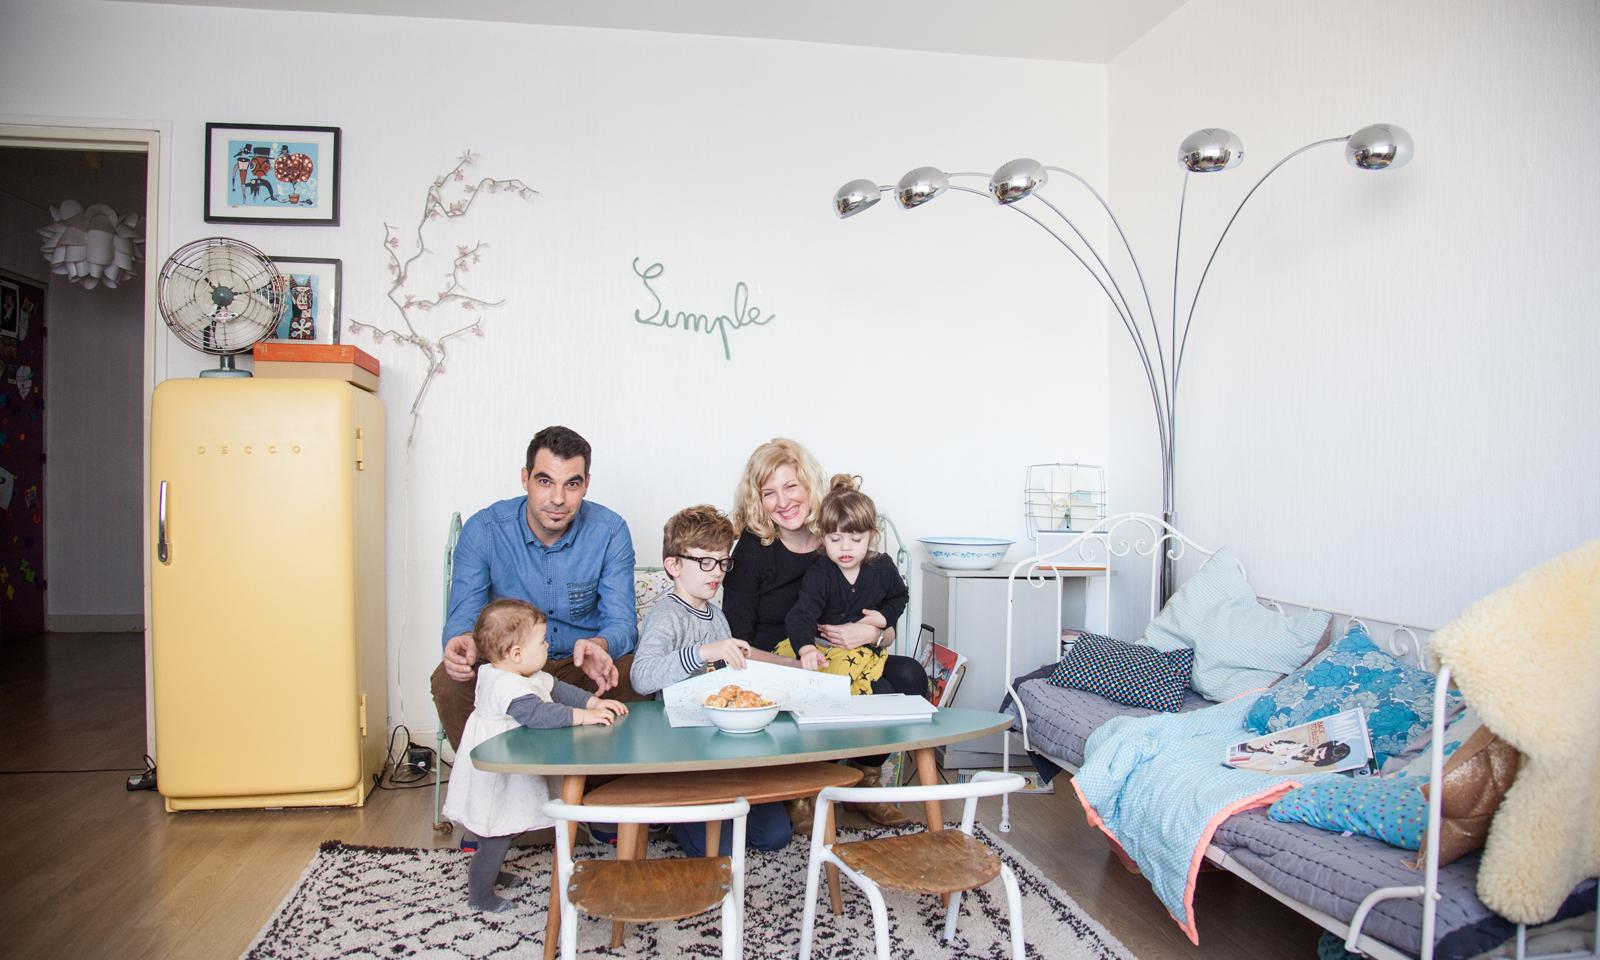 lit baladin ampm. Black Bedroom Furniture Sets. Home Design Ideas